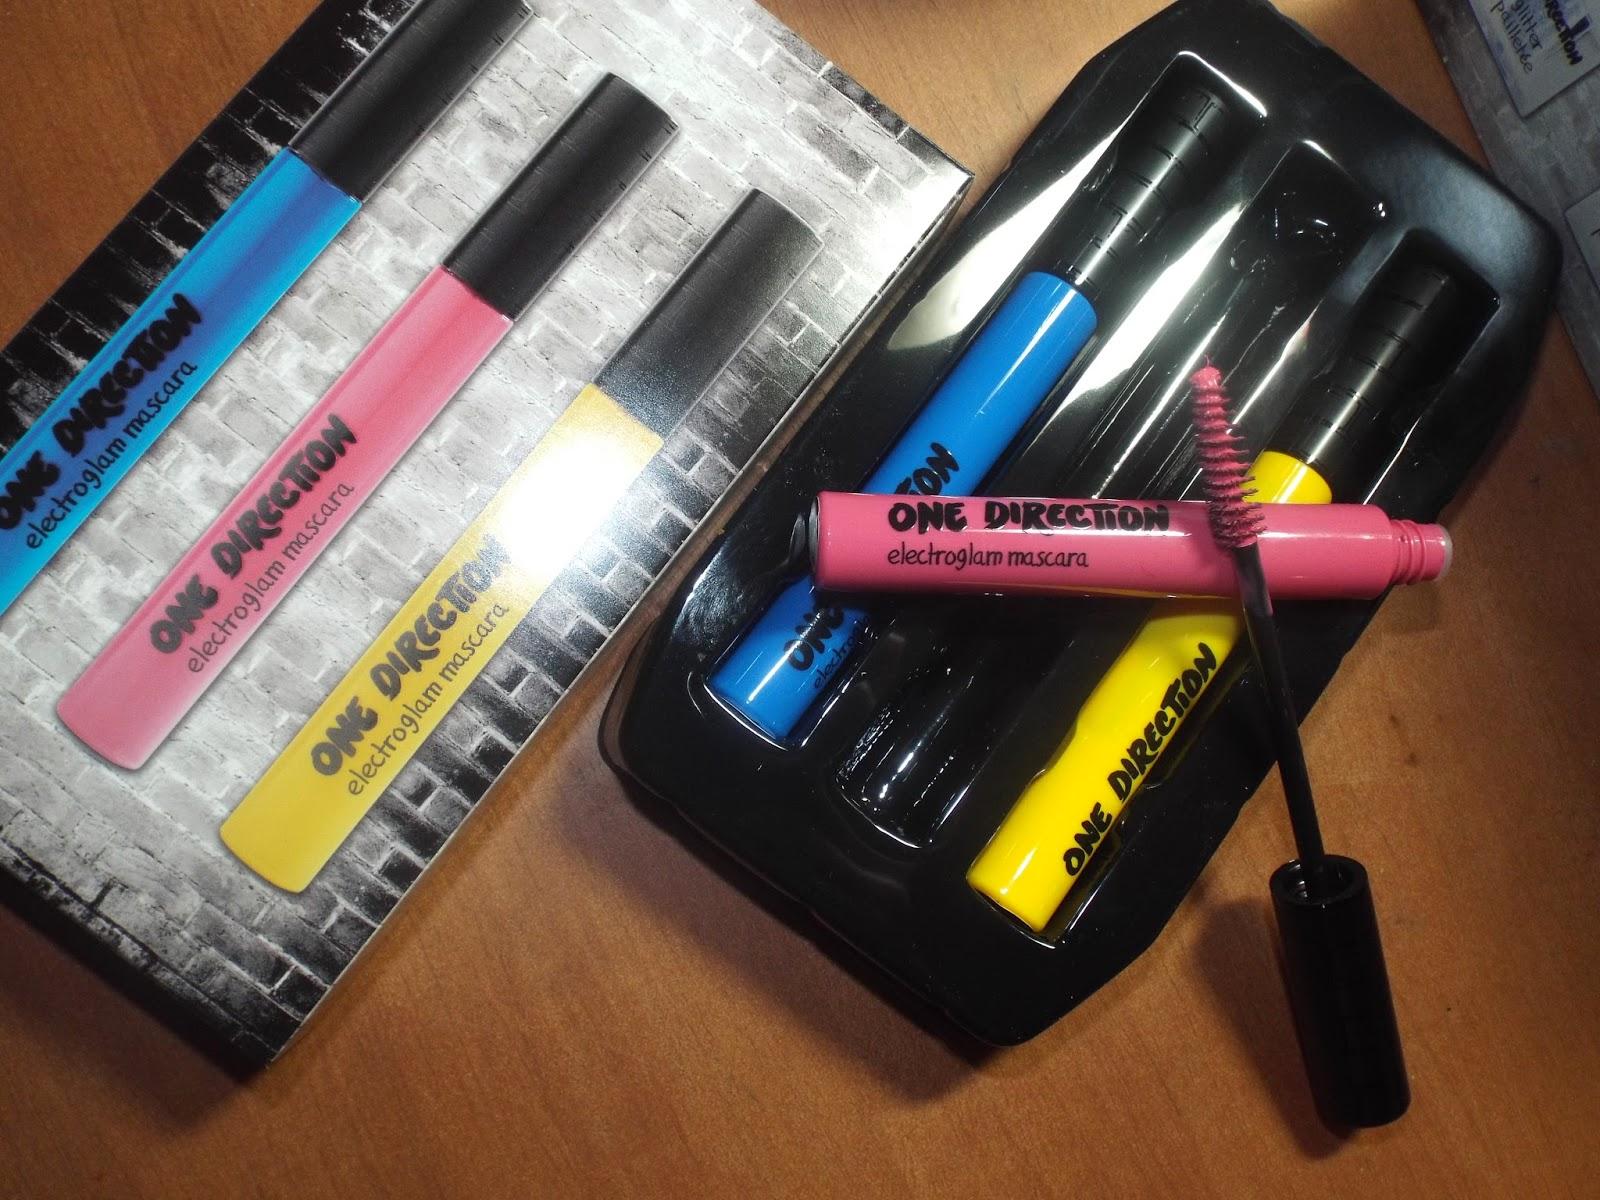 ElectroGlam Mascara: Pink